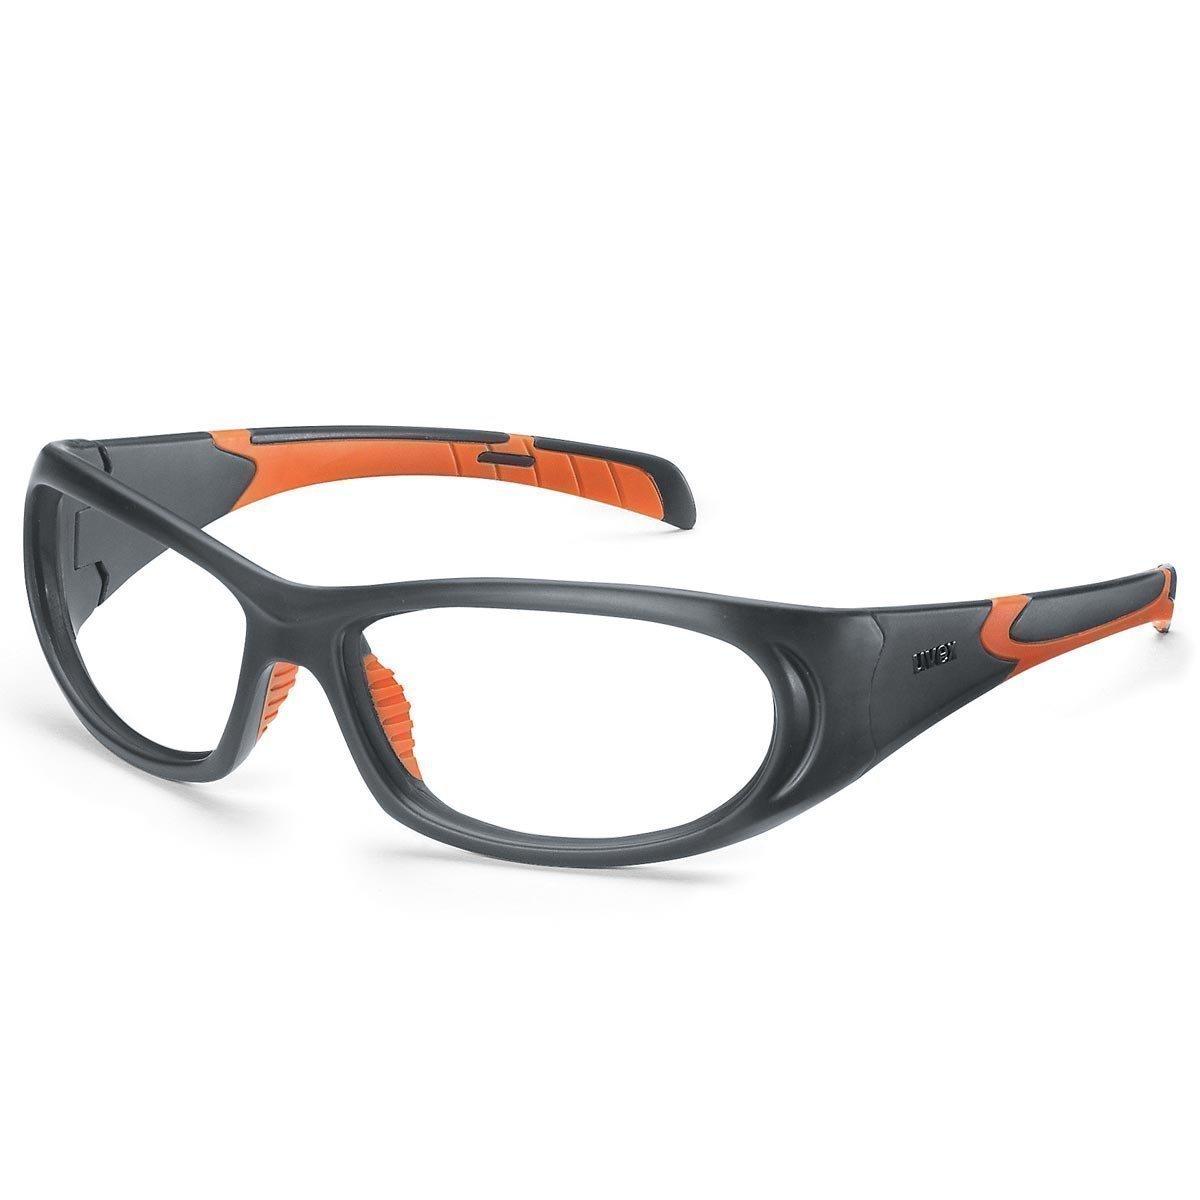 Uvex Korrektionsschutzbrille RX sp 5510 - Keine Entspiegelung